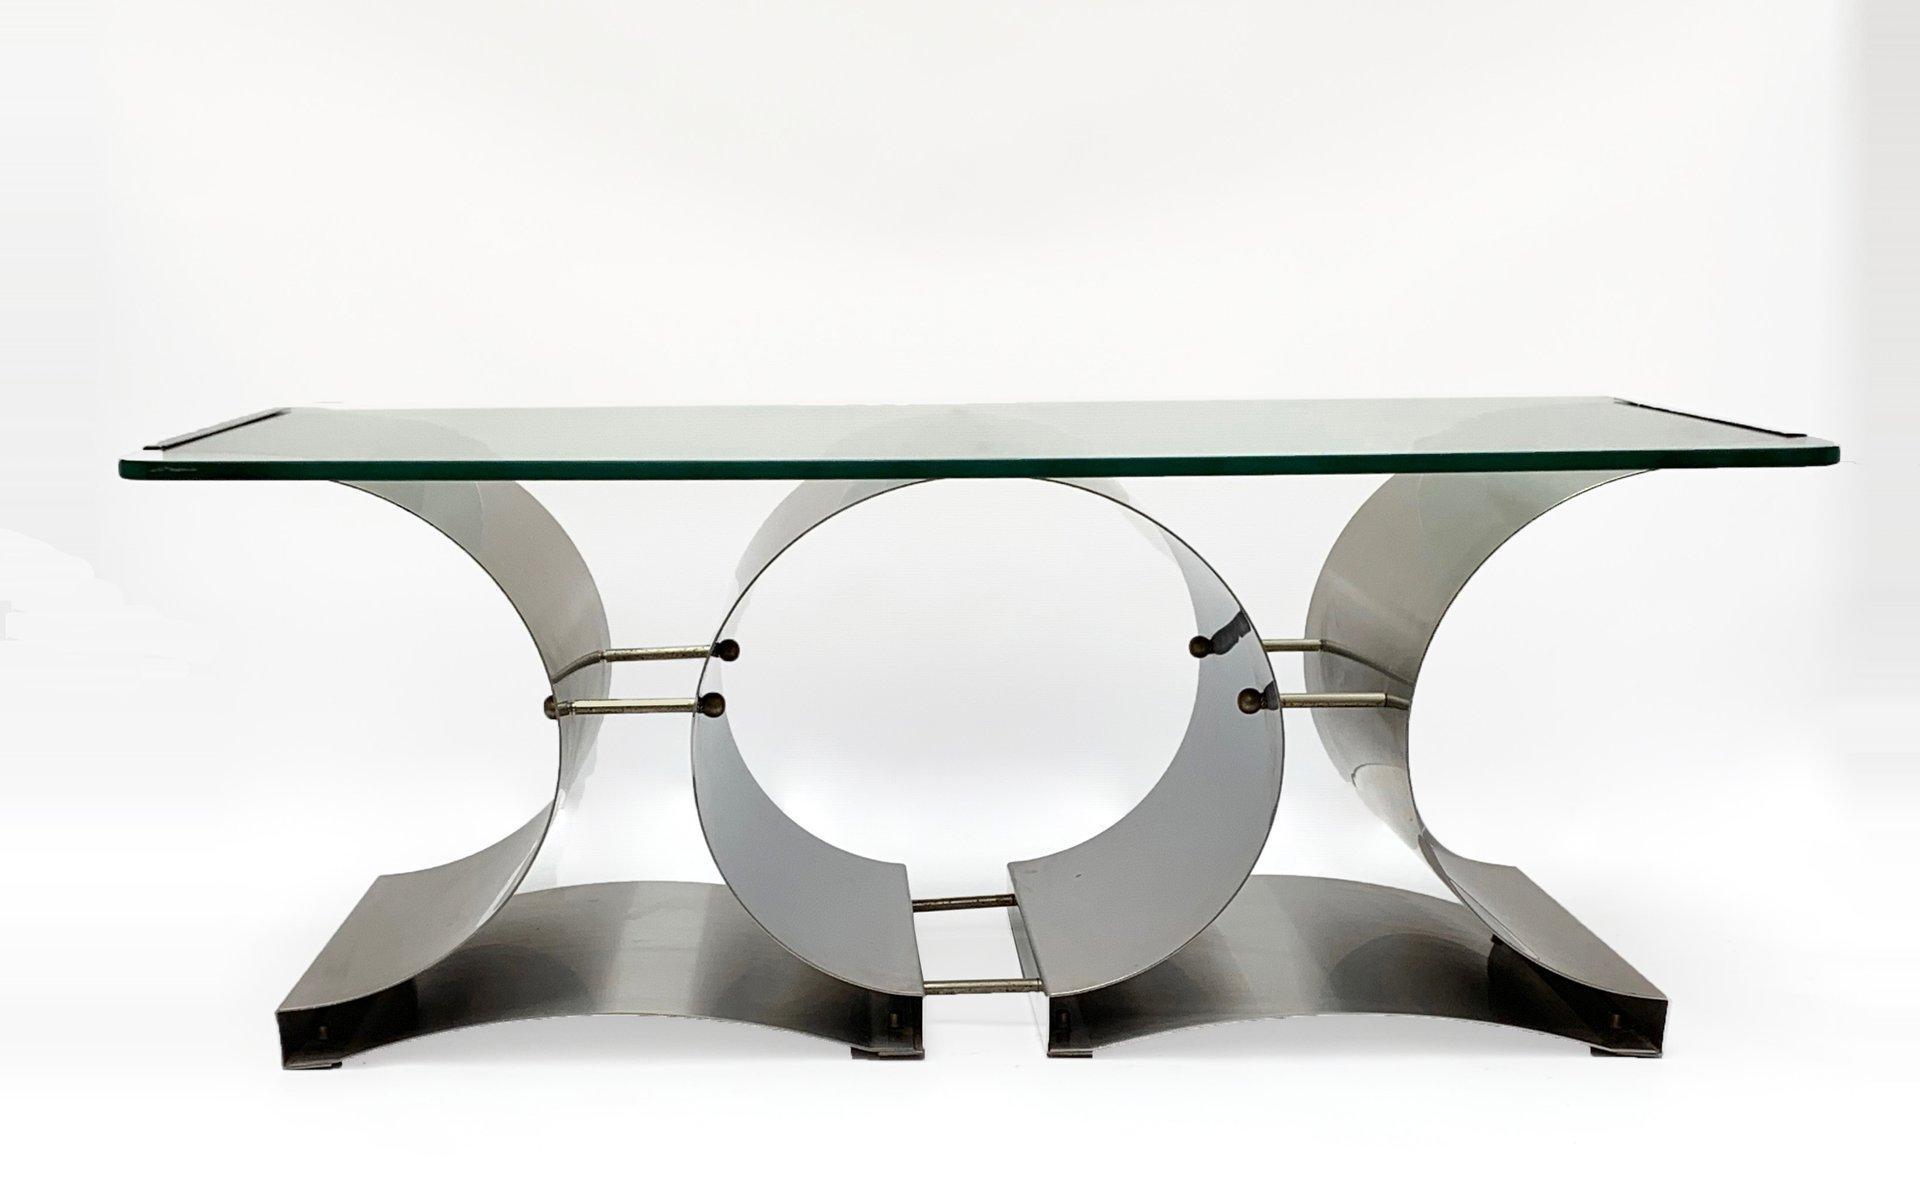 Tavolini In Vetro E Acciaio : Tavolino da caffè mid century in acciaio e vetro di francois